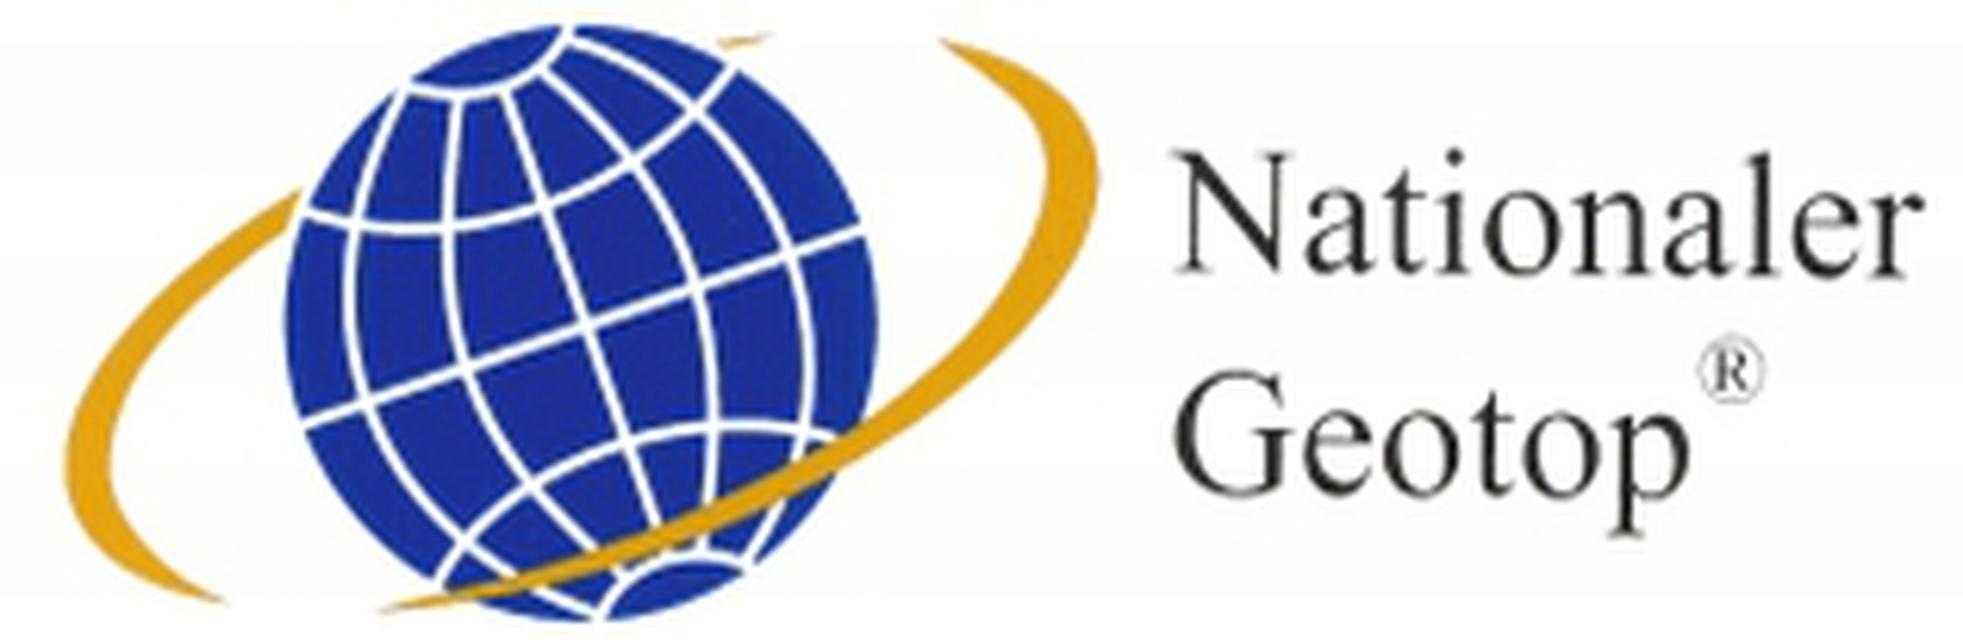 logo_nationaler_geotop